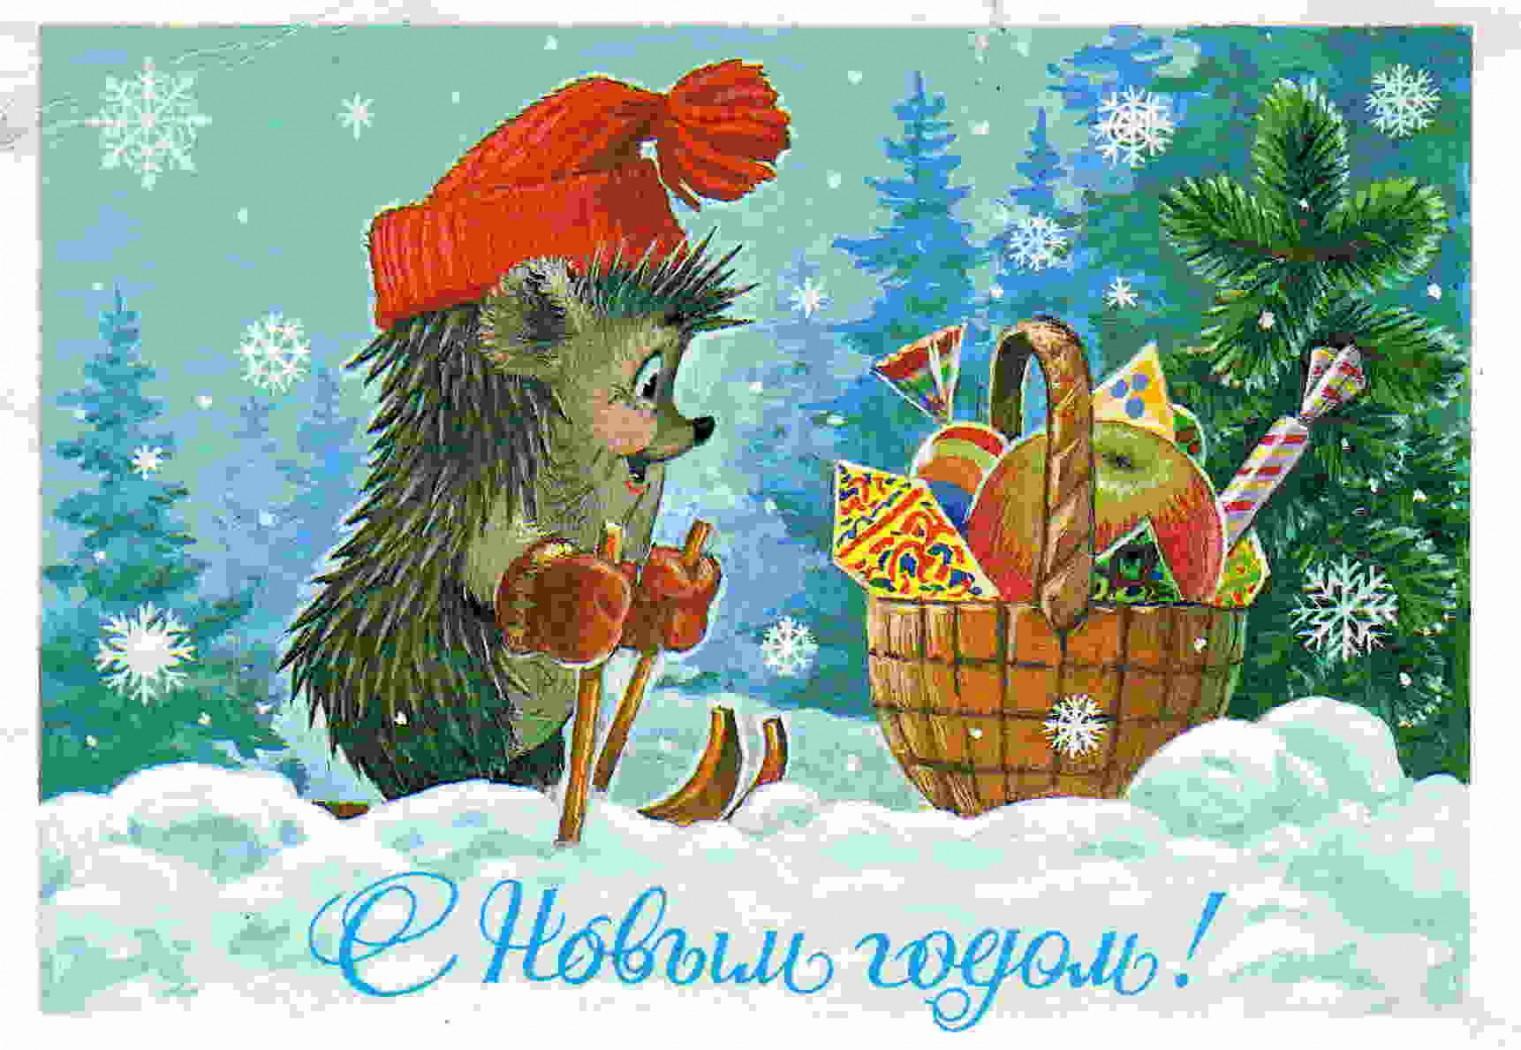 Клипарт новогодние открытки советские смотреть в хорошем качестве